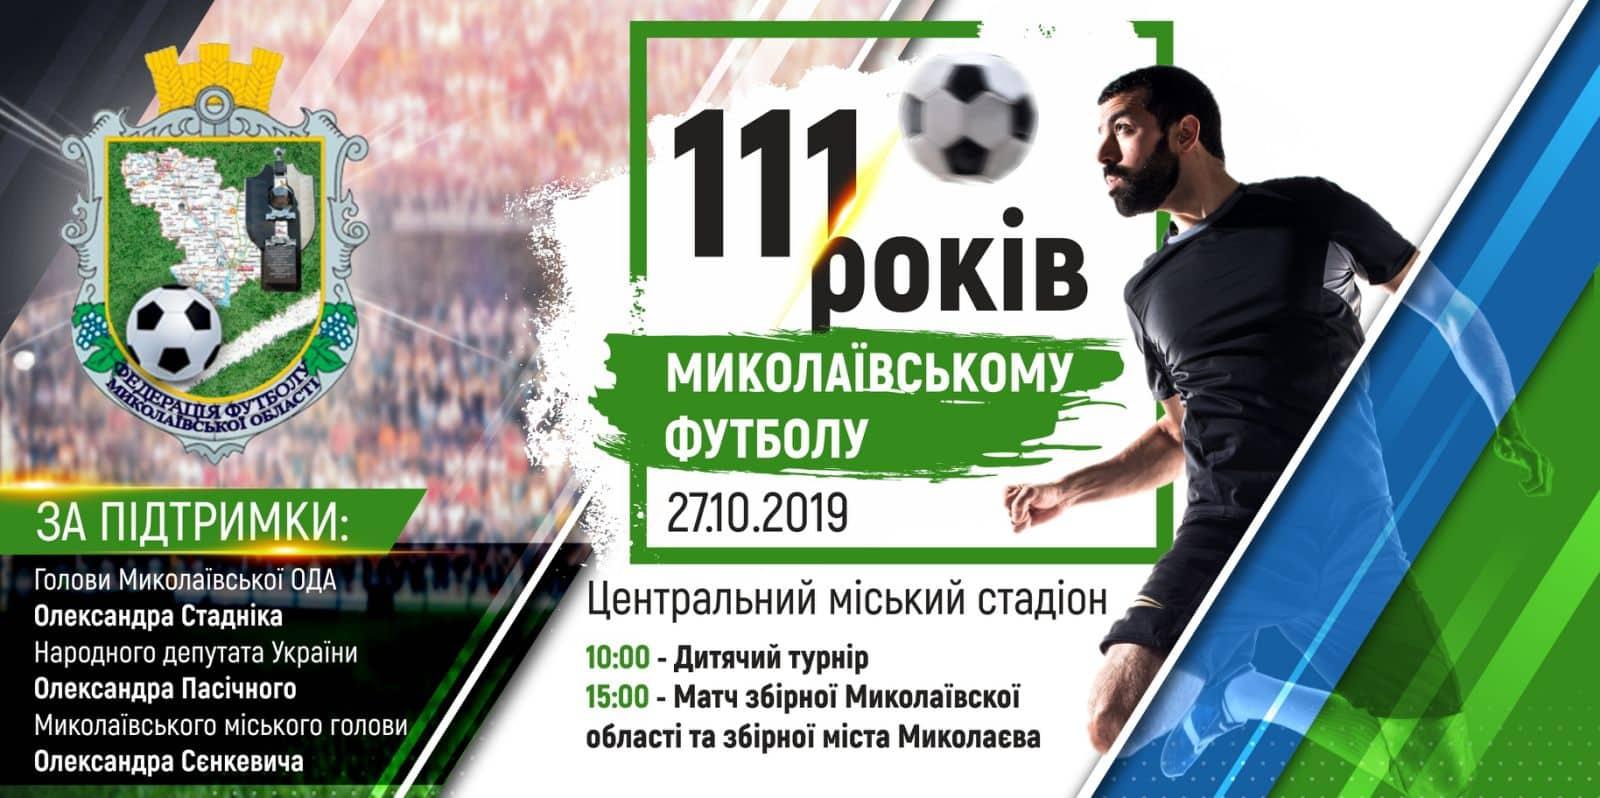 В Николаеве состоится празднование 111-й годовщины футбола в Николаевской области